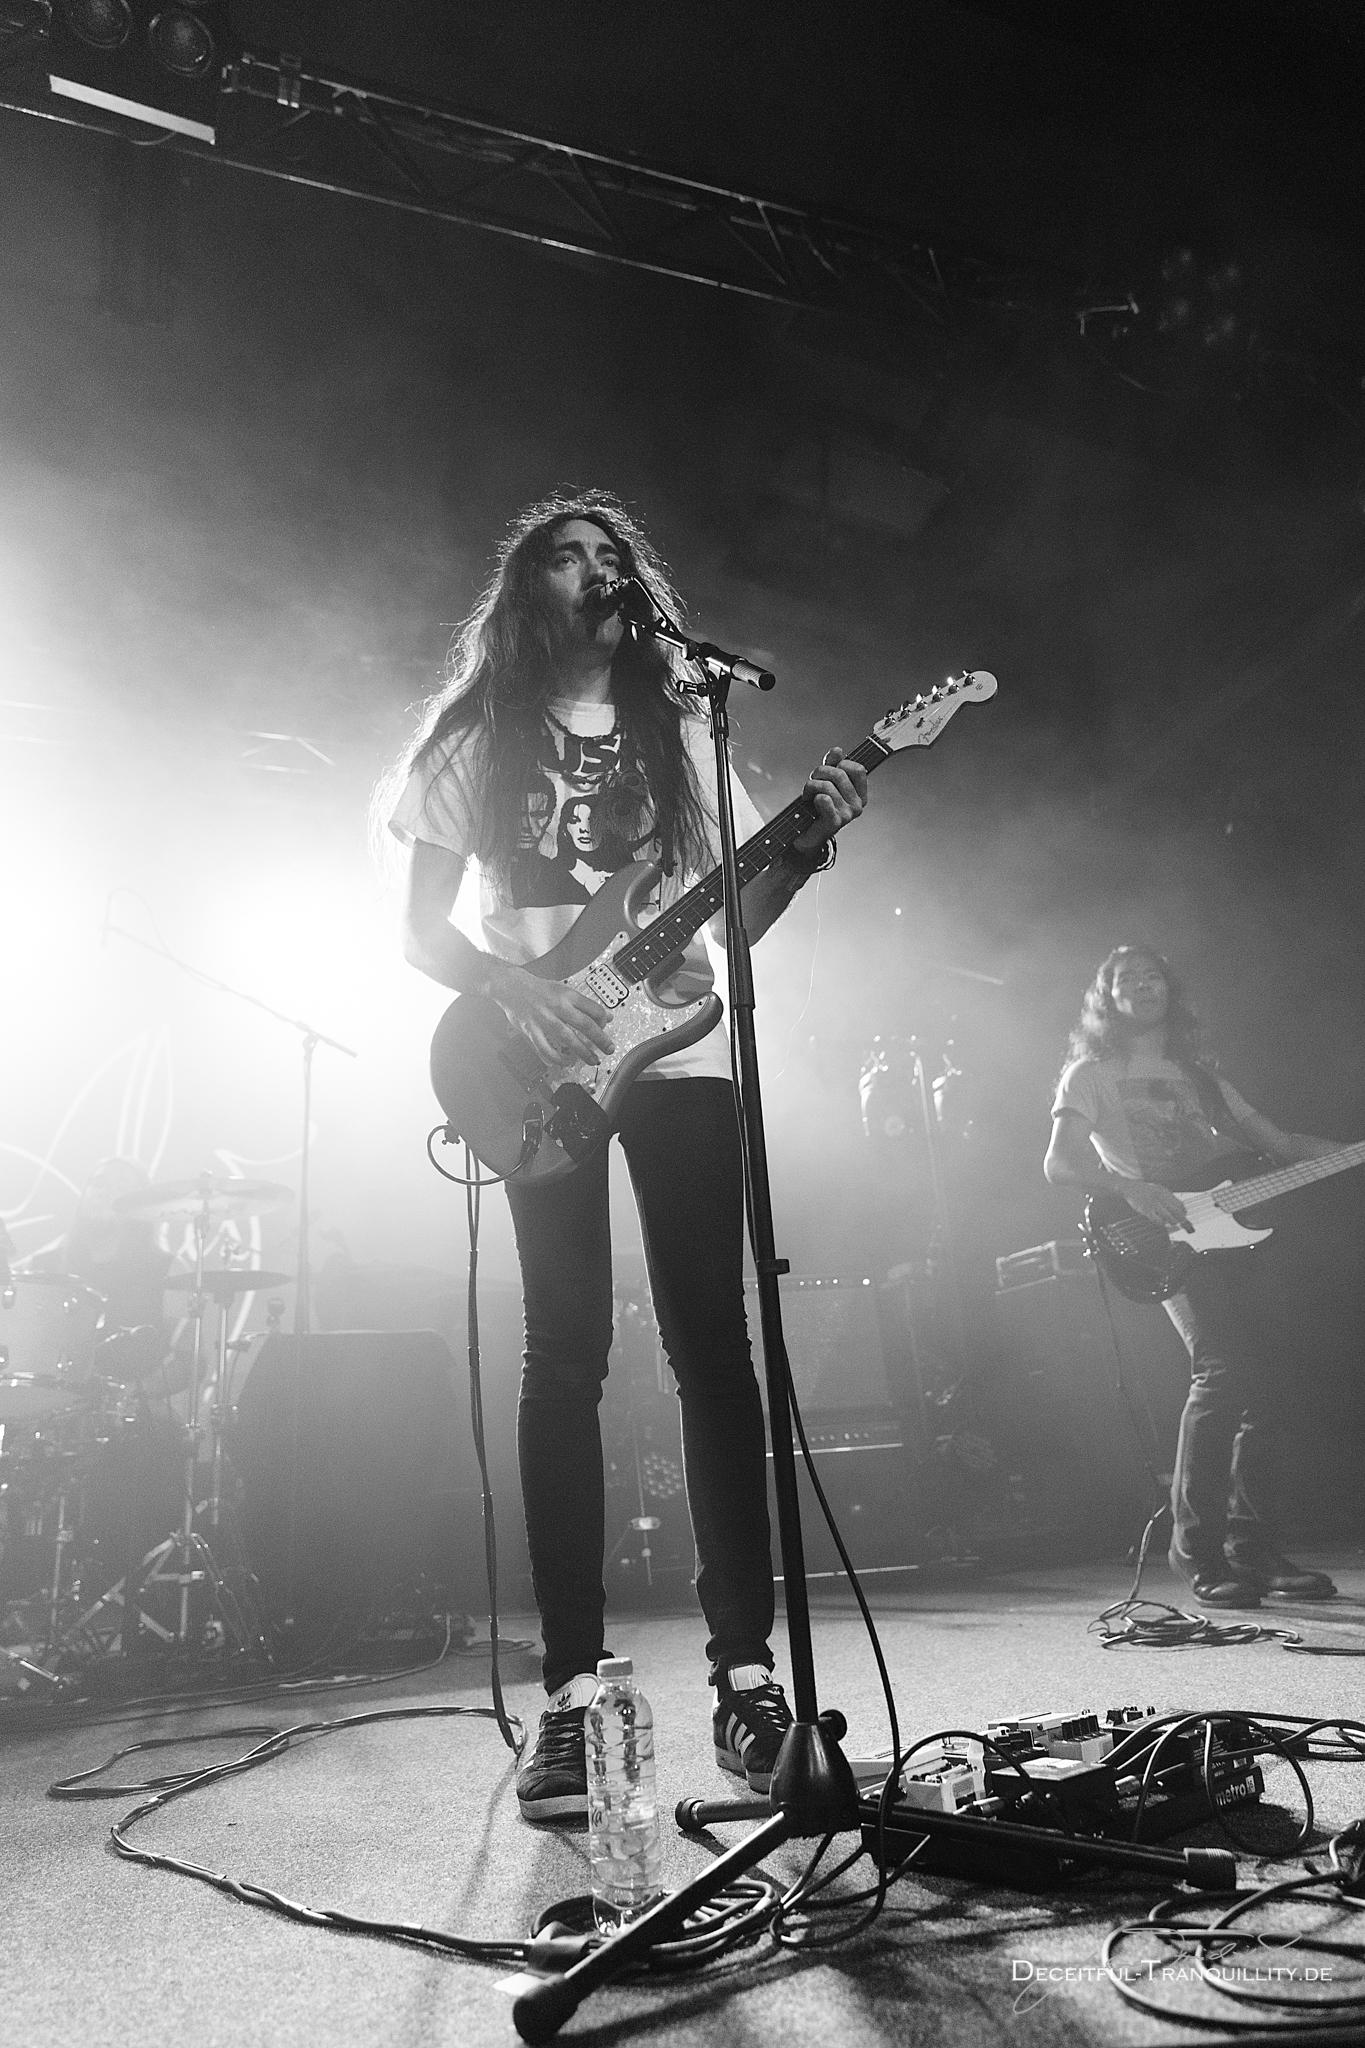 Konzertfoto von Alcest auf der The Optimist Europe Tour 2017